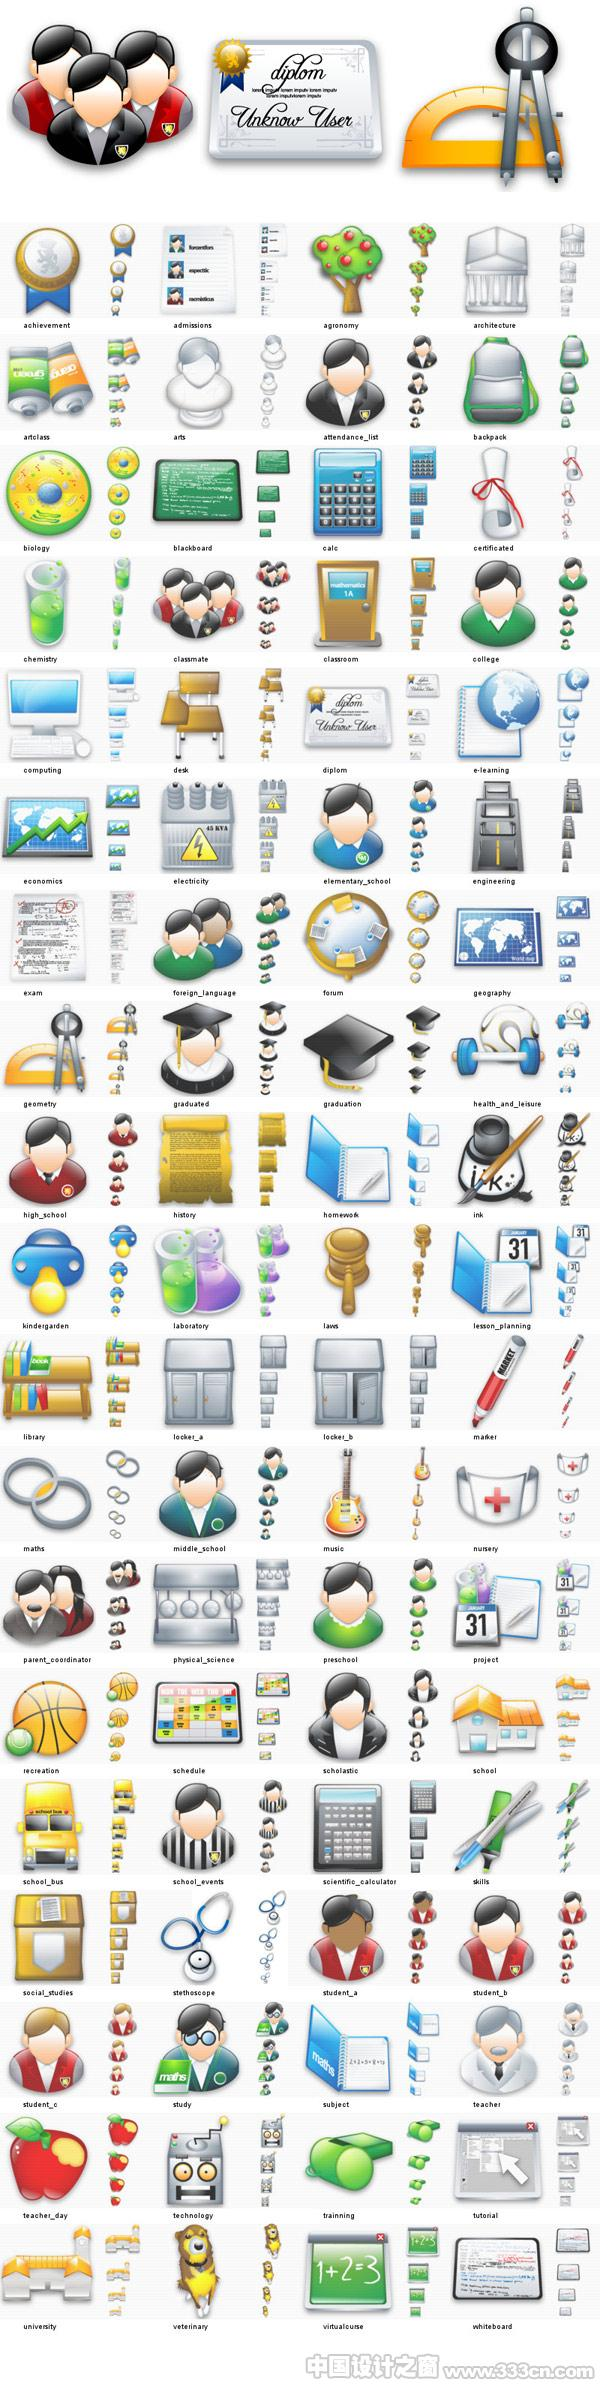 ui图标 图标设计 ui设计 ui欣赏 交互设计